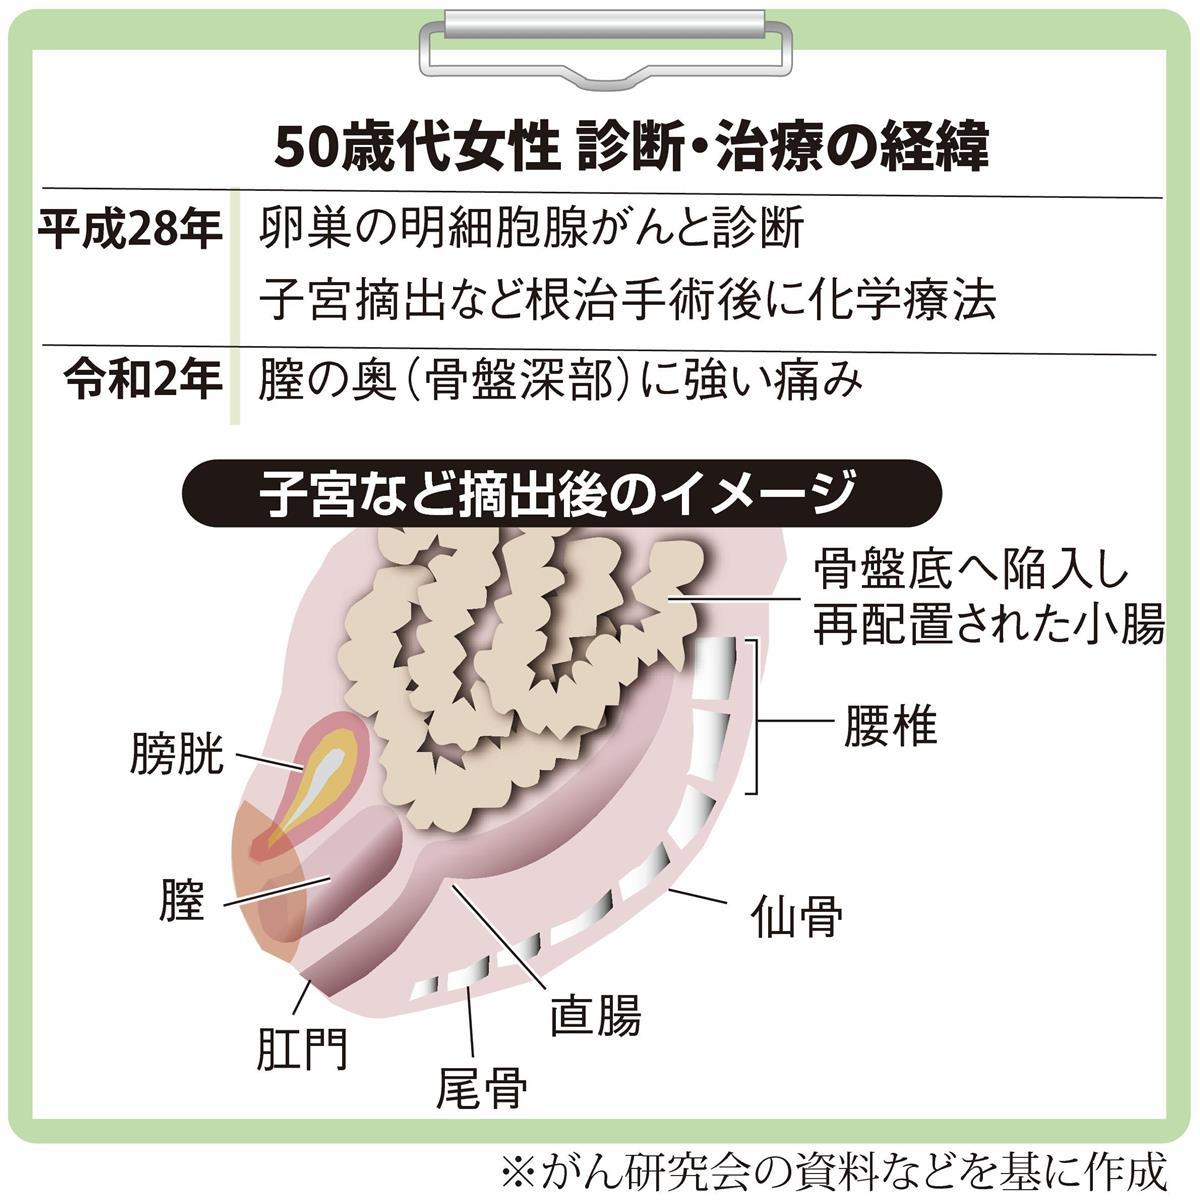 卵巣 摘出 後 の 体調